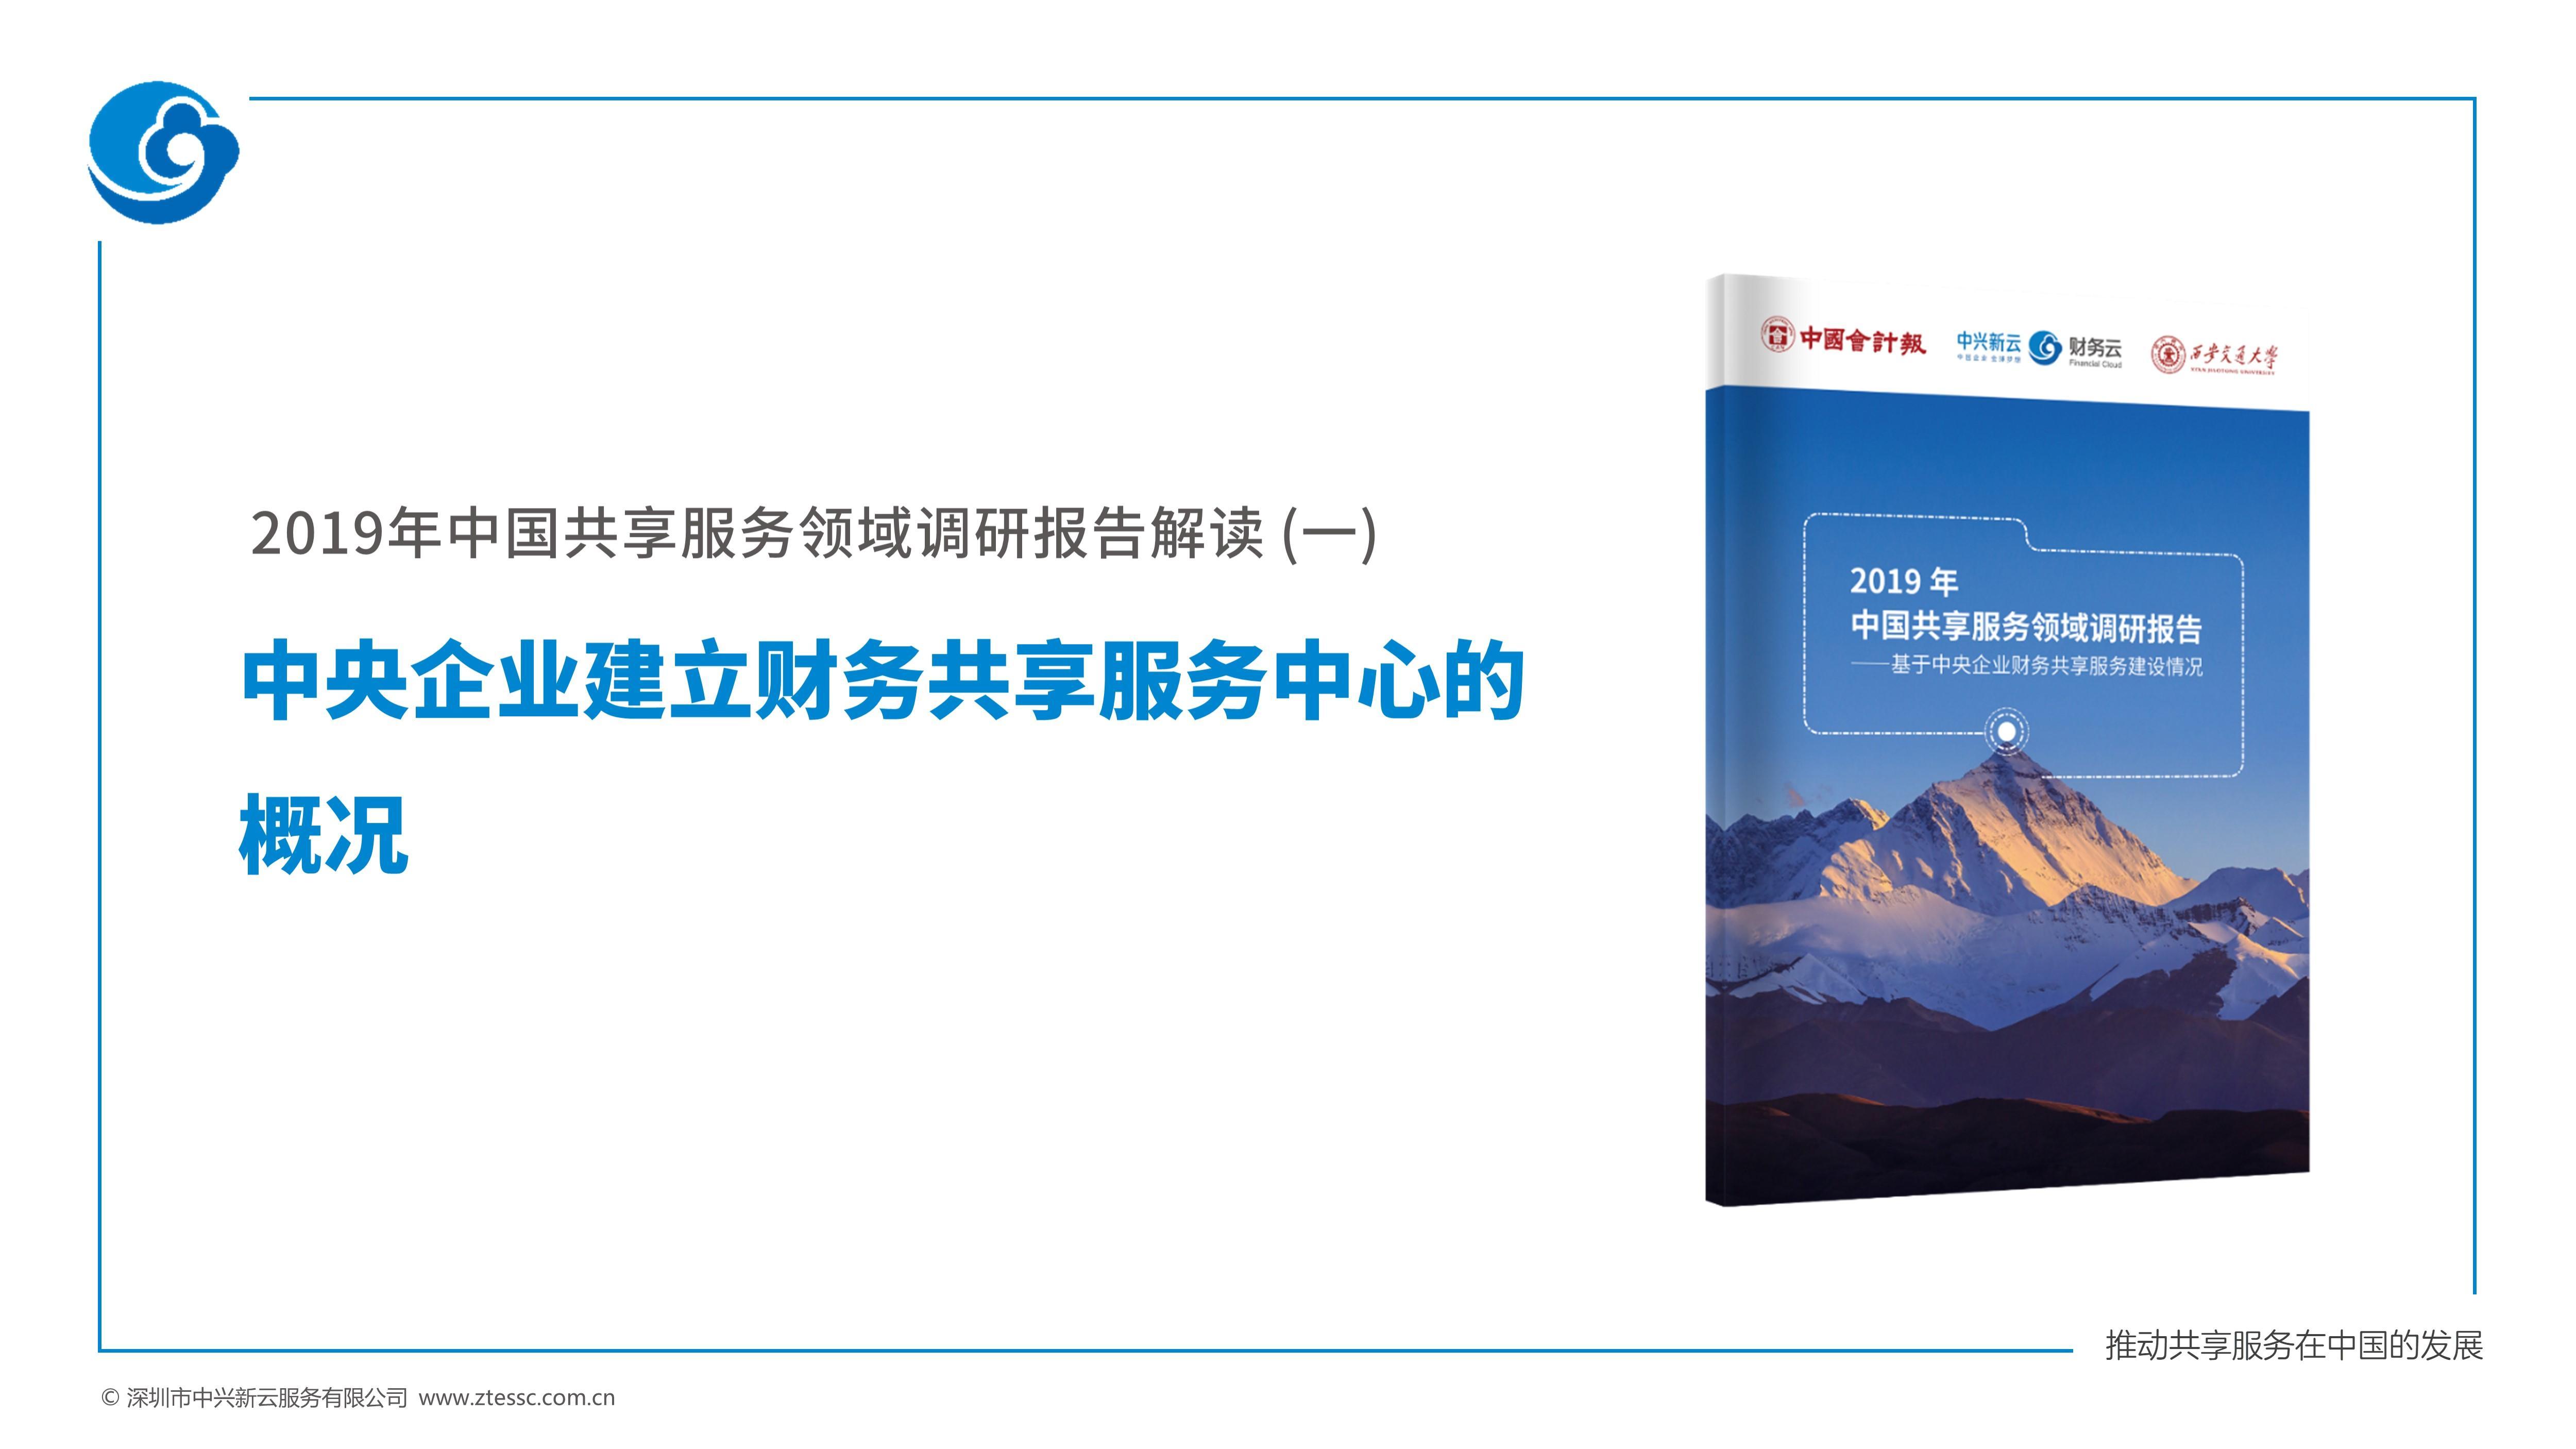 财务会计报告的作用_2019报告解读(一)| 中央企业建立财务共享服务中心的概况 - 知乎